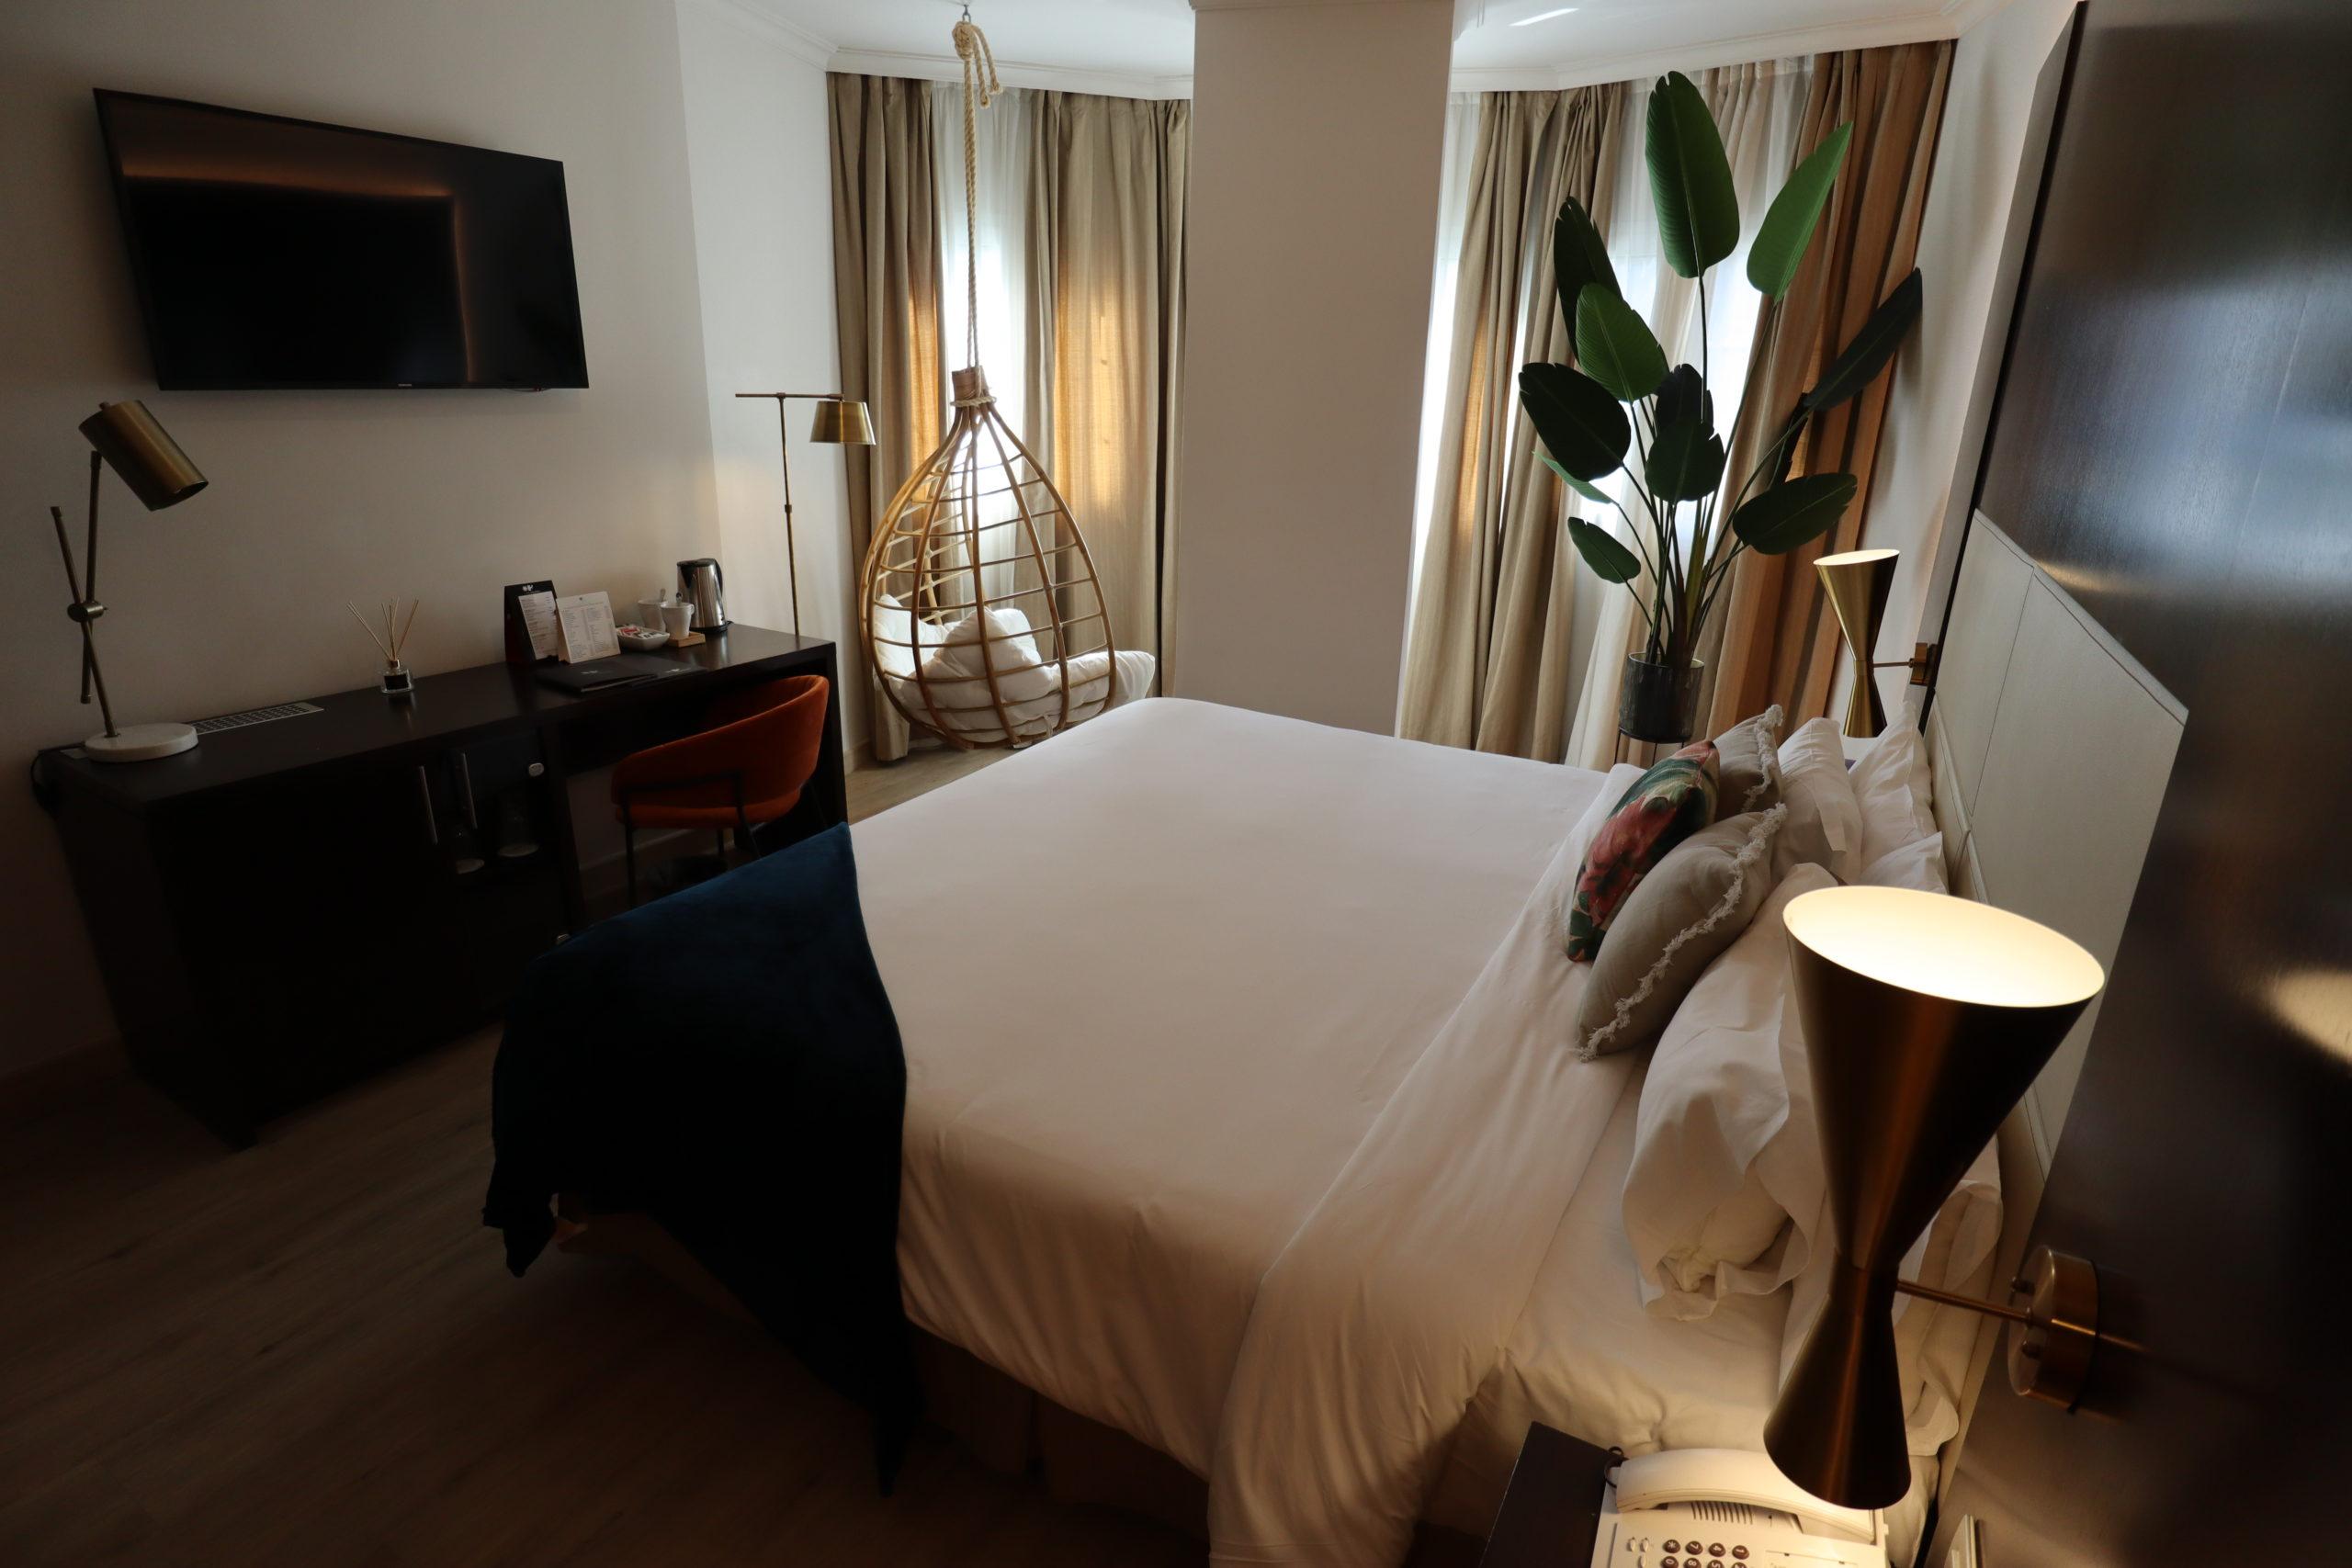 hoteles-santa-cruz-tenerife